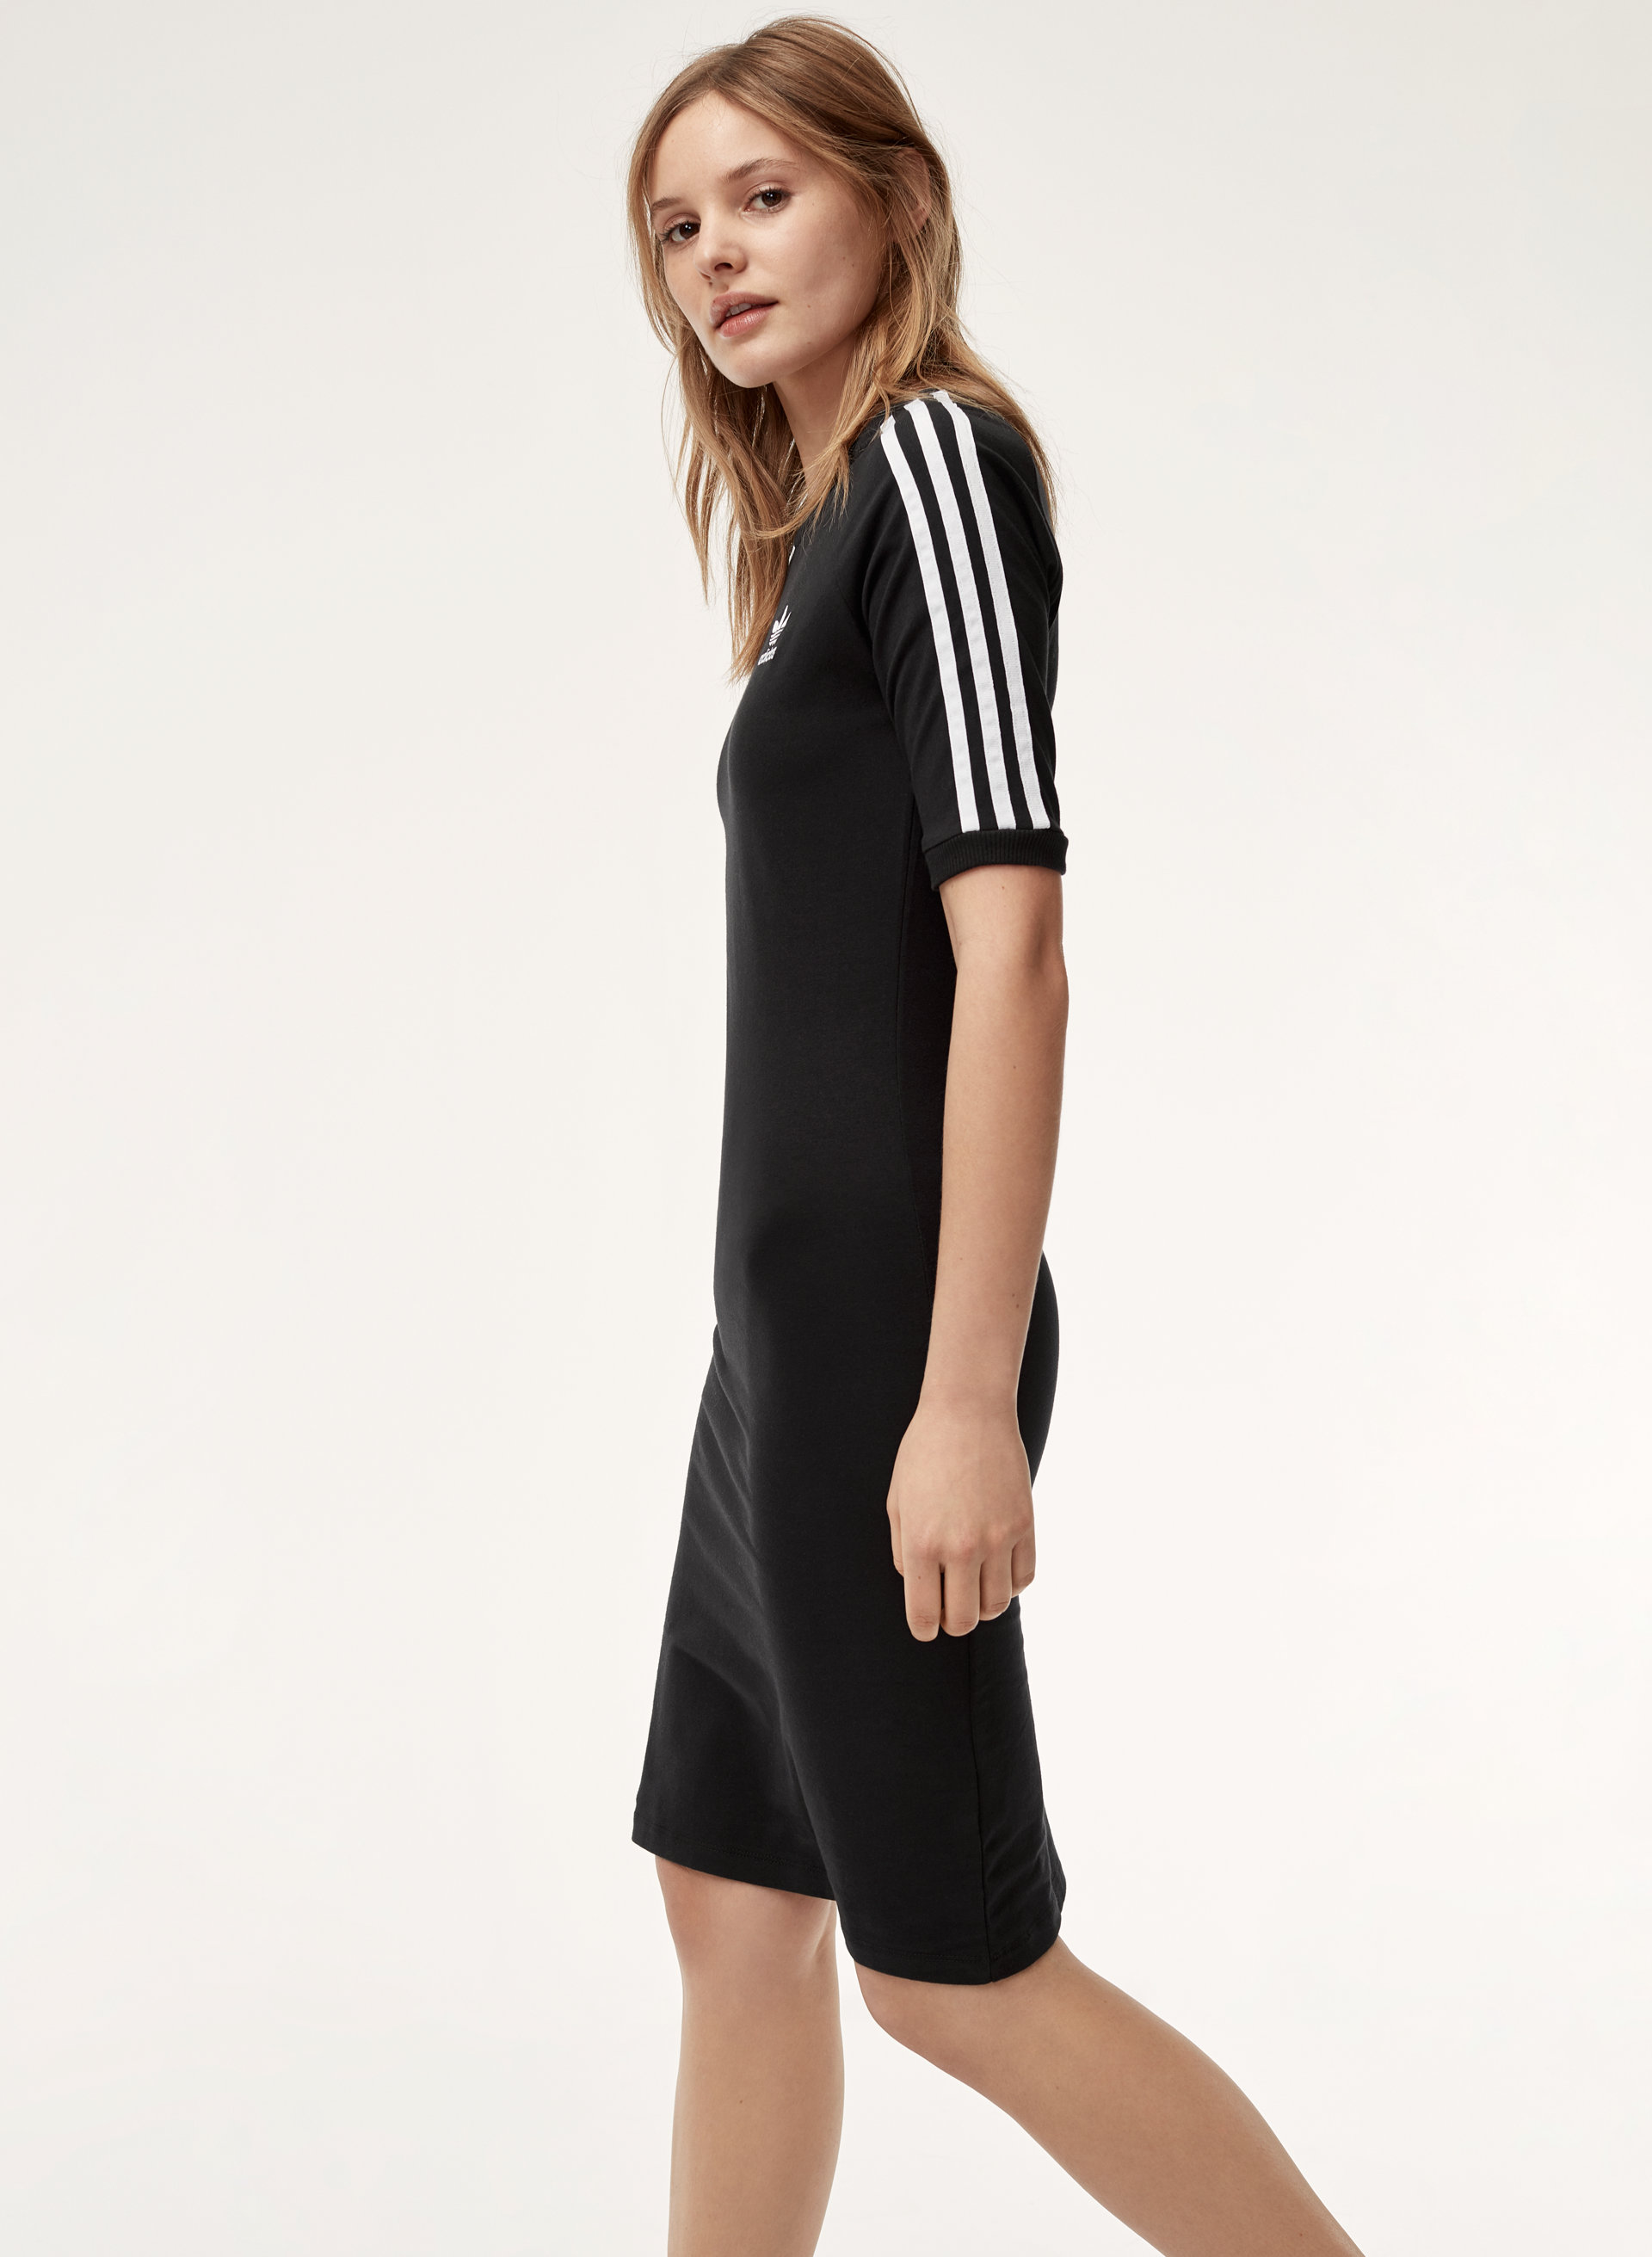 3 Stripe Dress In Black